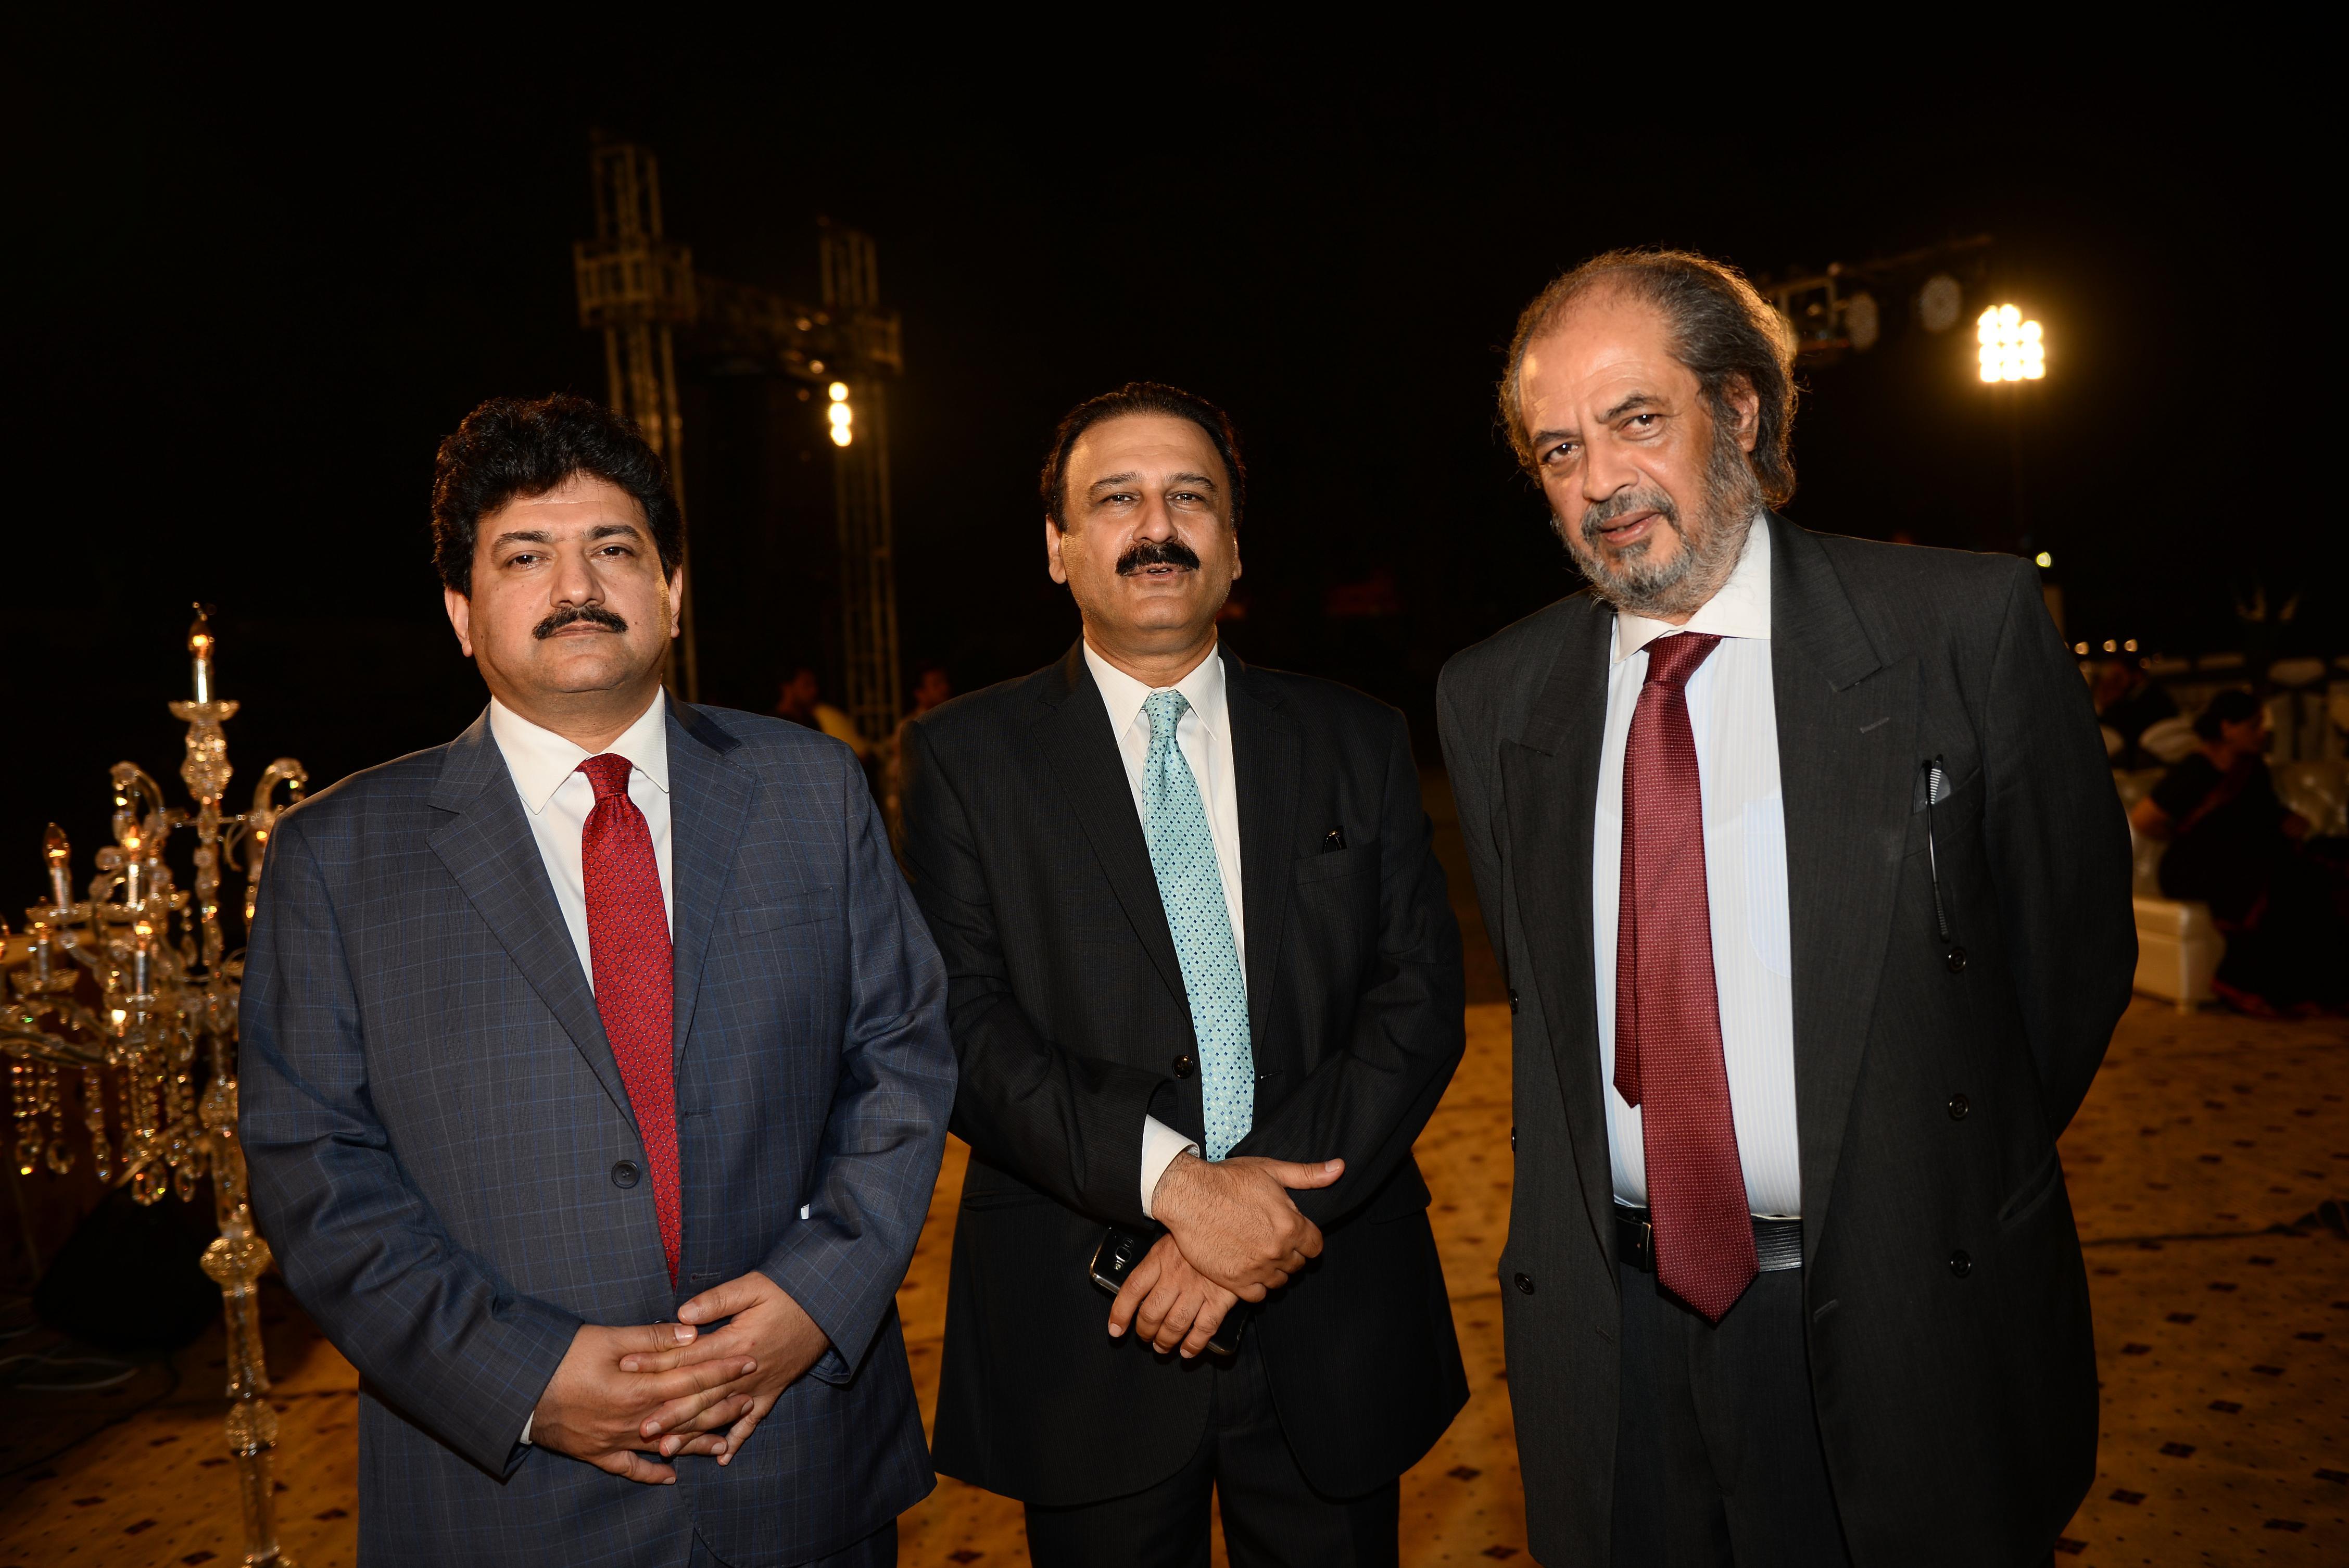 Mr. Hamid Mir, Dr. Khalid Butt & Dr. Hassan Amir Shah